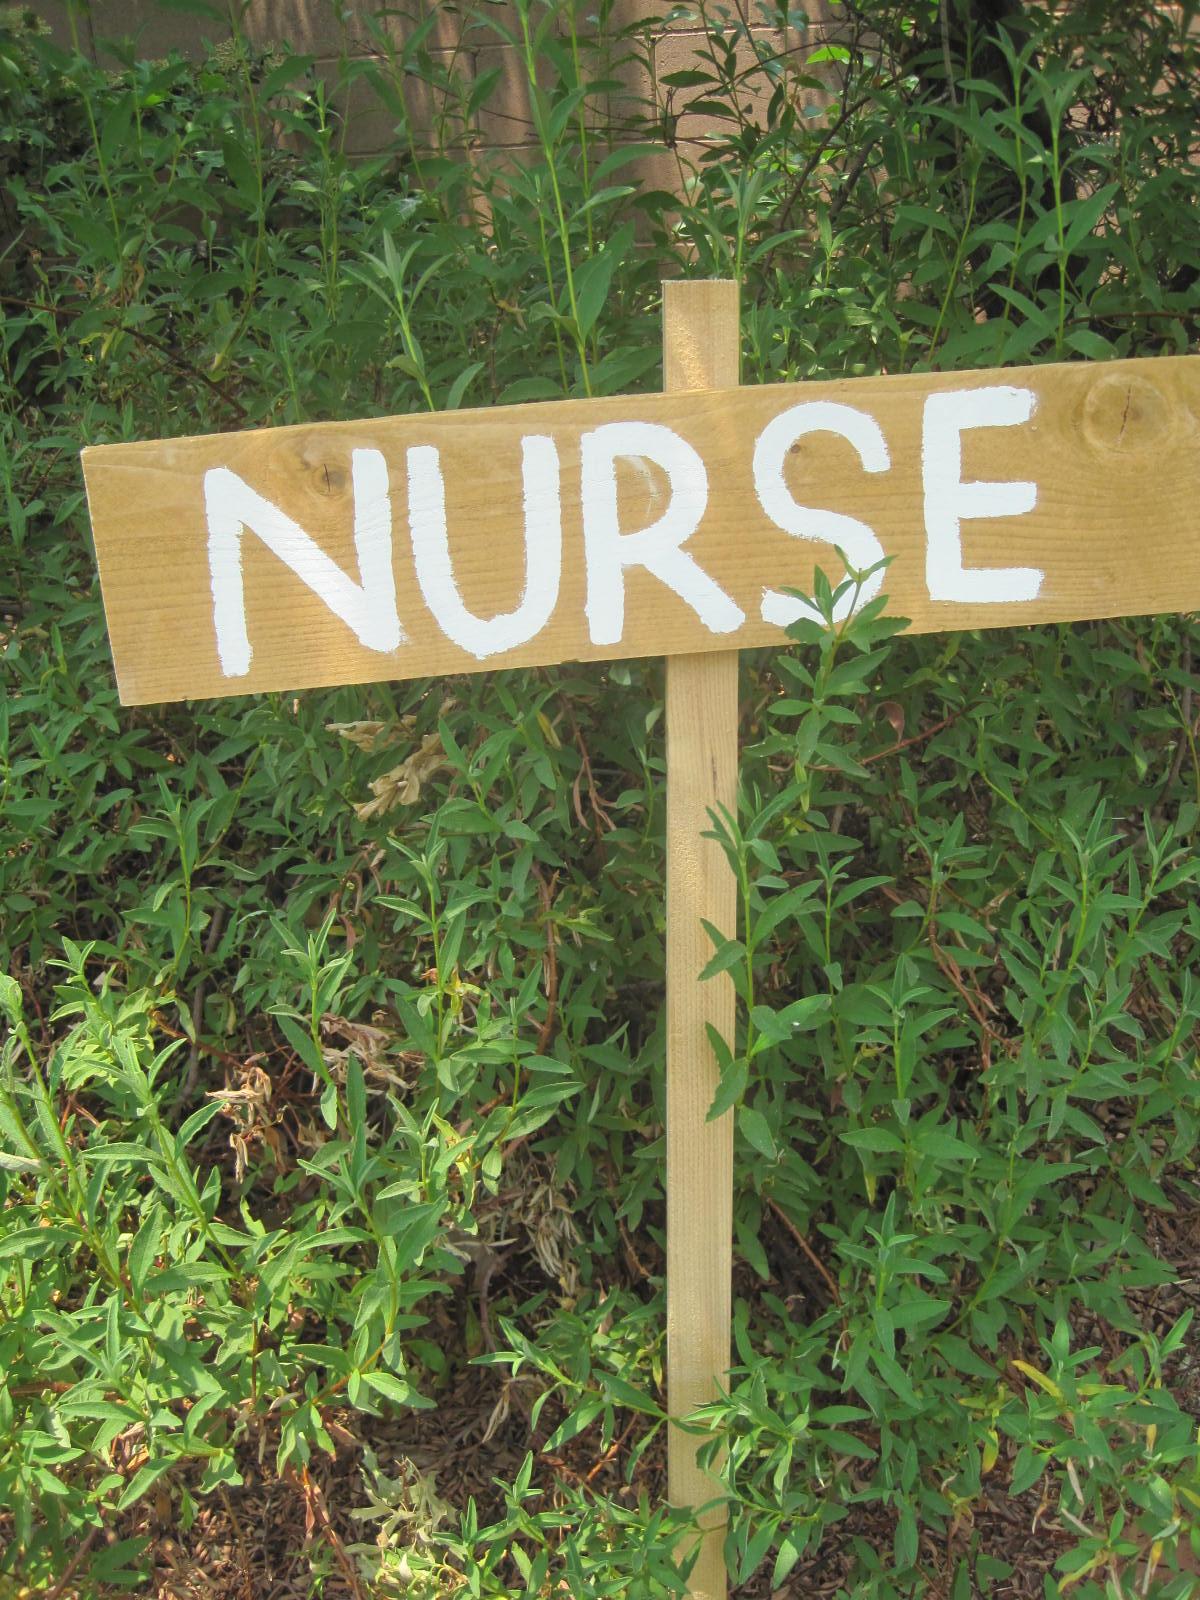 camp nurse sign